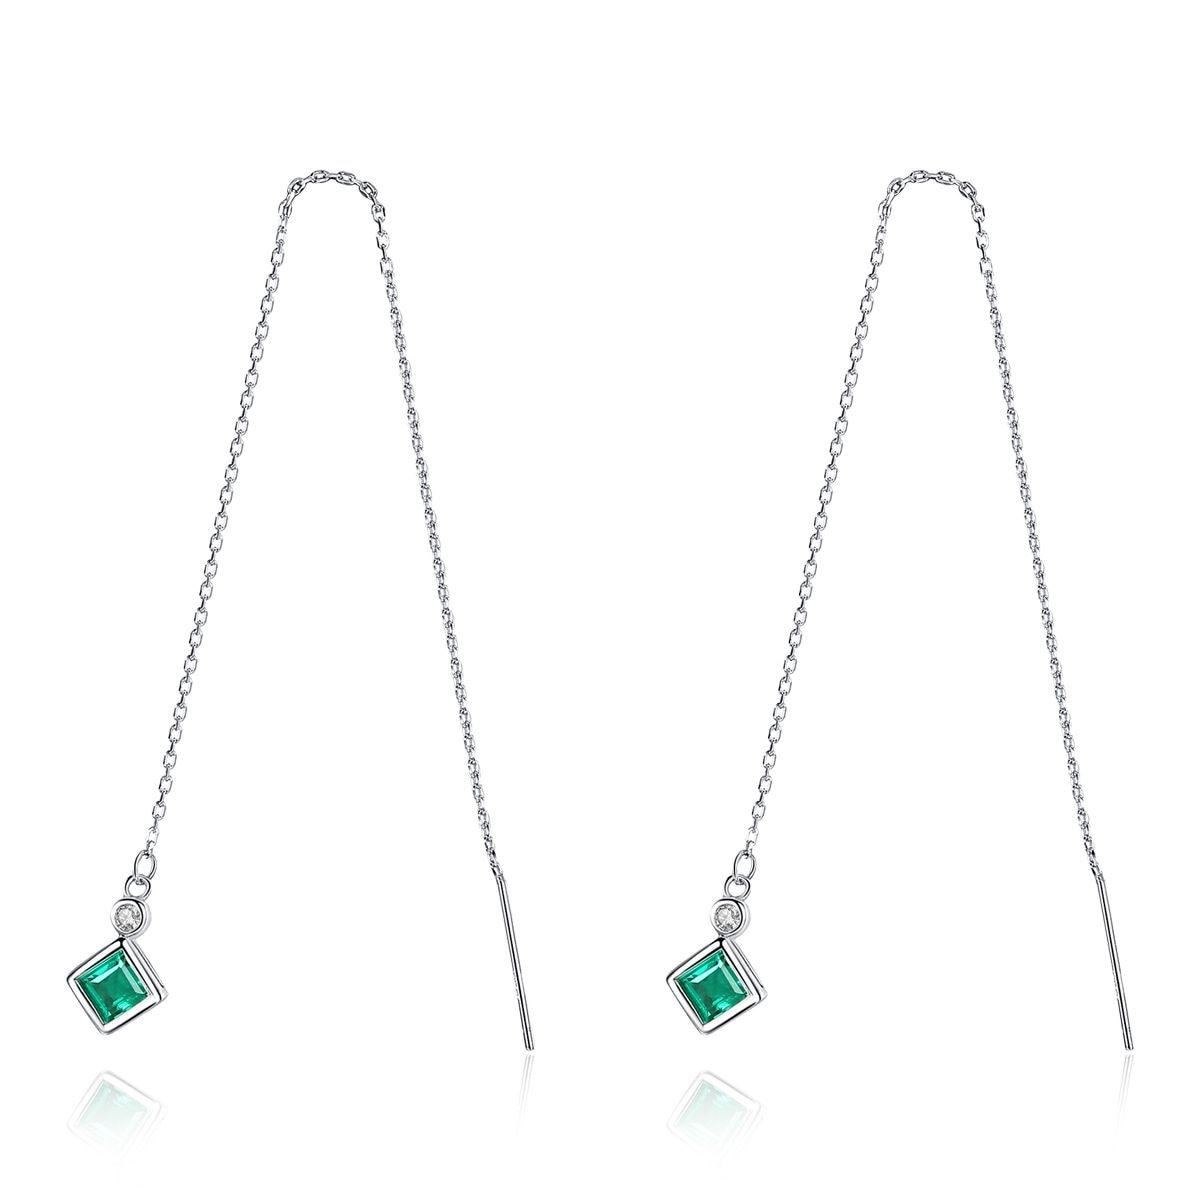 1e5856c57192 Plata de Ley 925 Esmeralda pendientes largos pendientes de joyería fina  para las mujeres Simple diseño regalos de navidad Brincos al por mayor